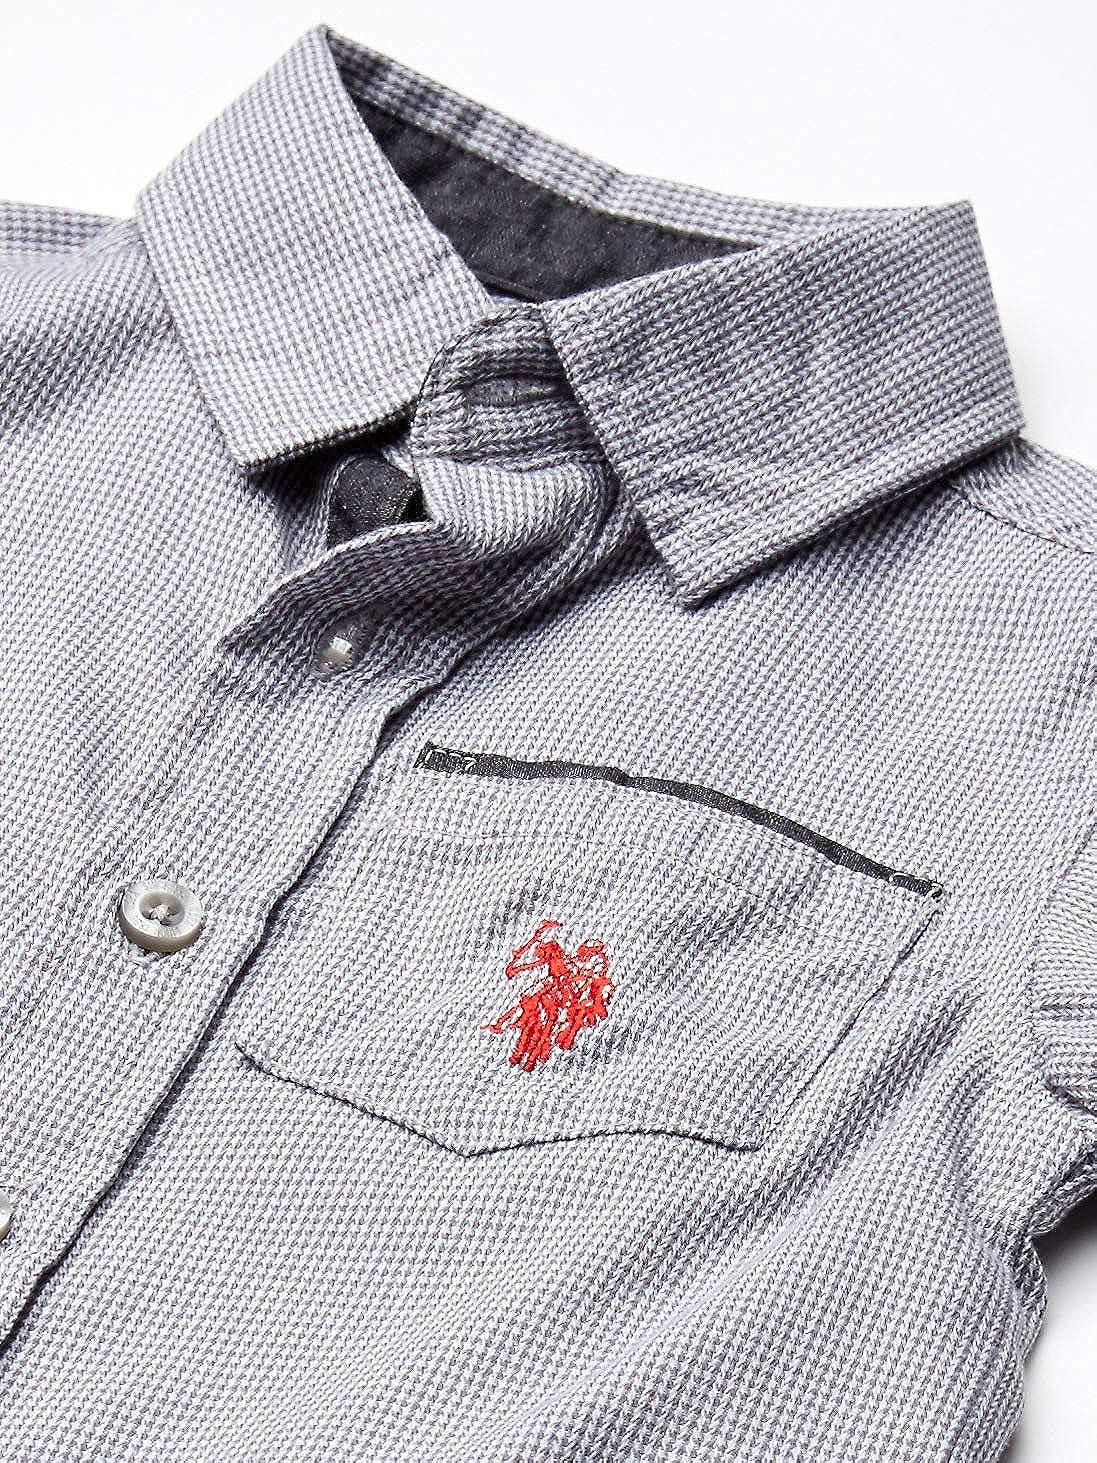 U.S Color Block Tee and Jogger Set Polo Assn Boys Short Sleeve Woven Shirt